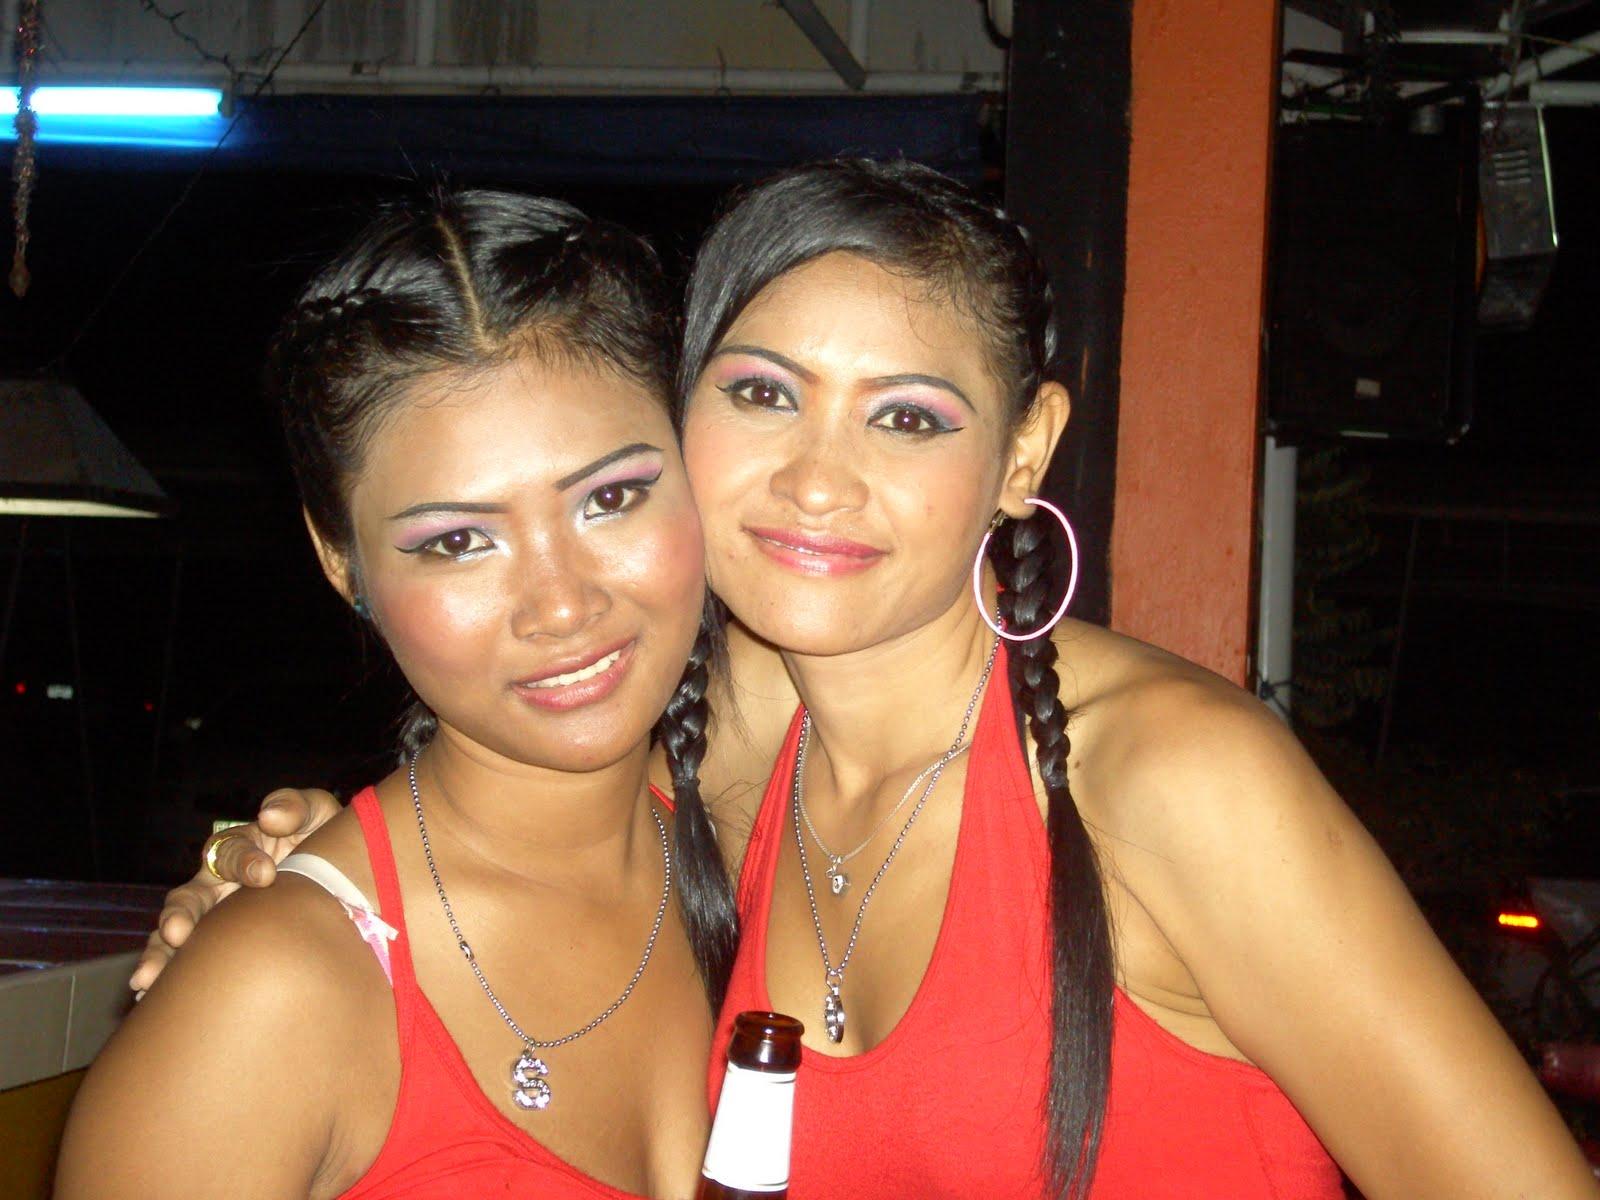 thailand women making love